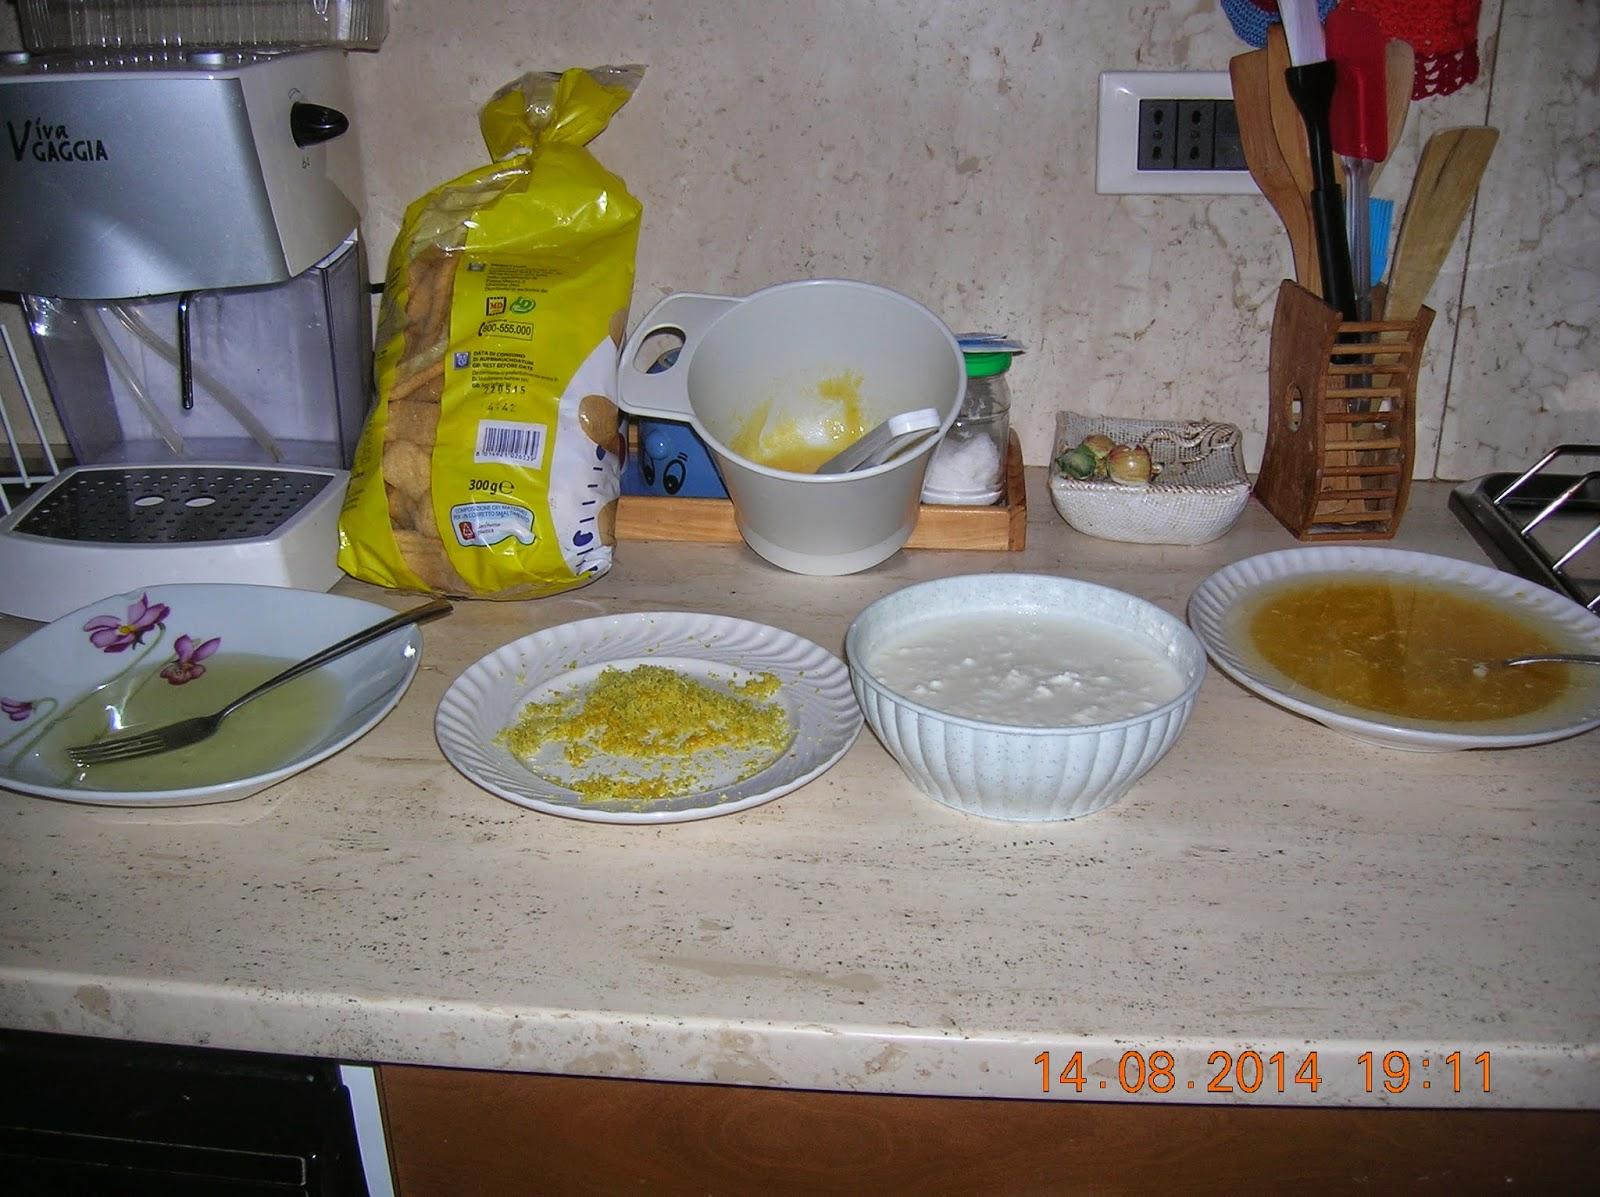 tiramisu' con ricotta e yogurth - pesche farcite - torta di mele  della nonna a modo mio